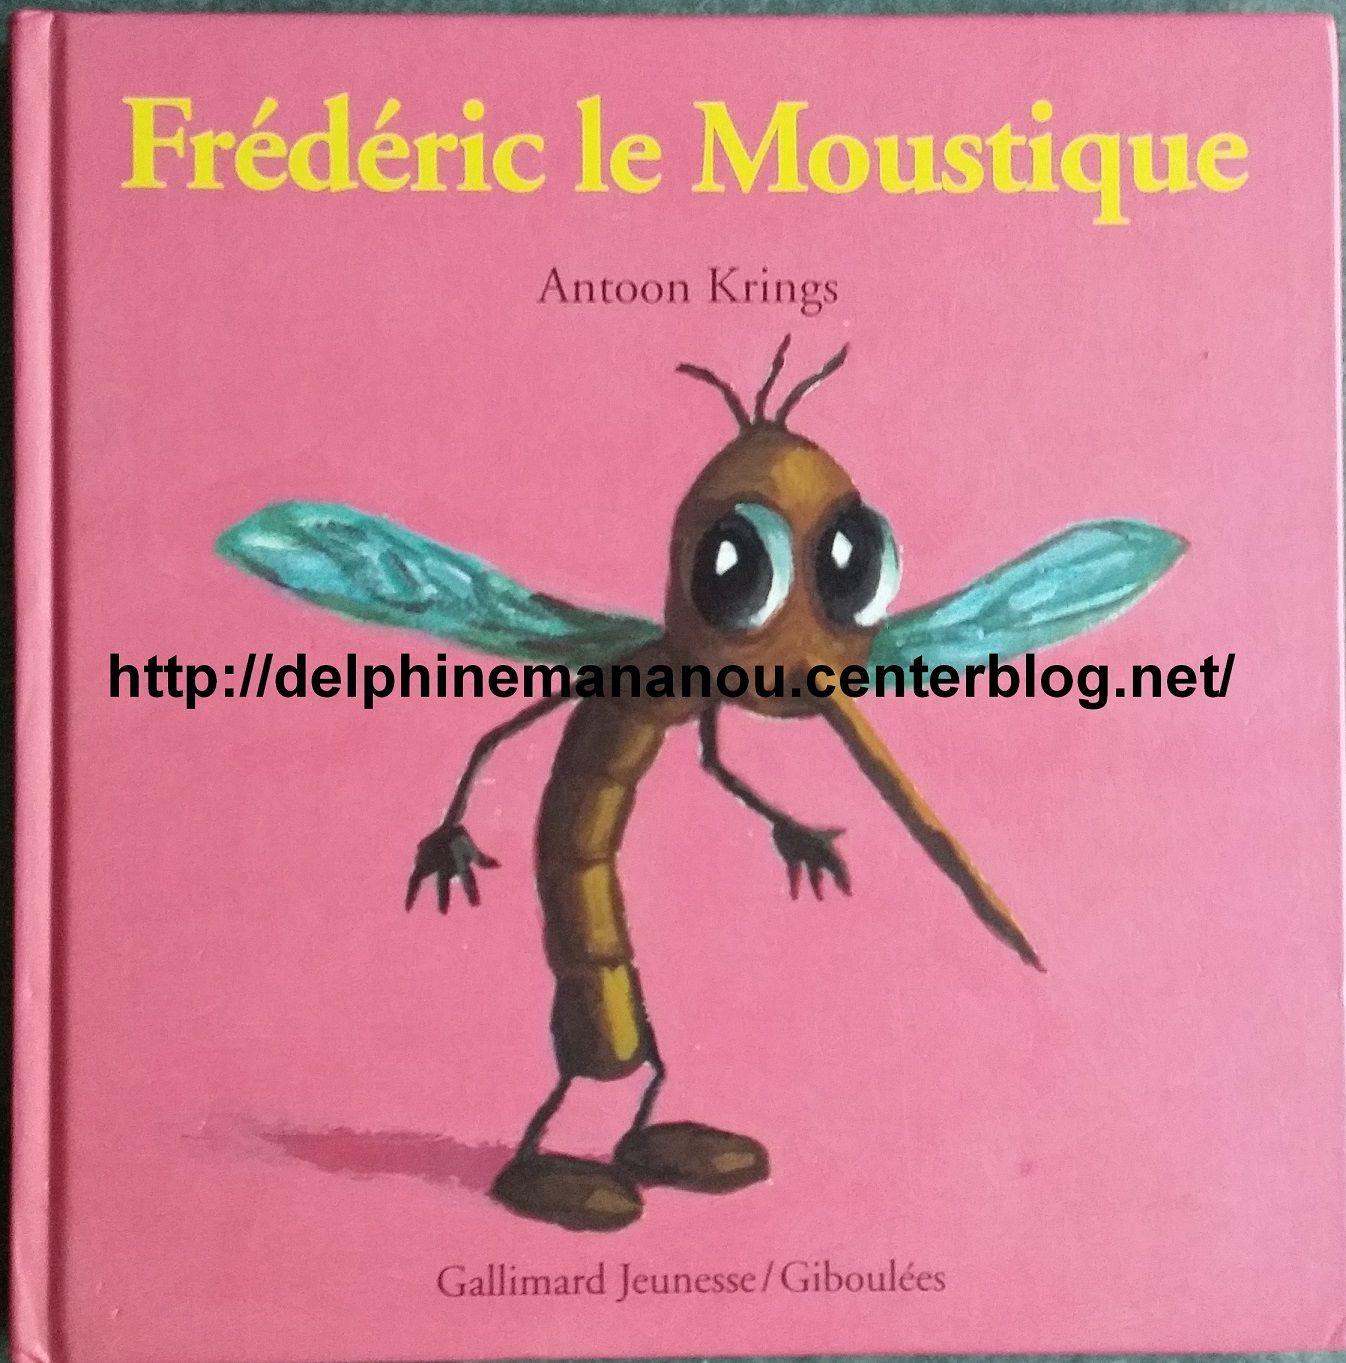 Bibliotheque droles de petites betes page 3 - Frederic le moustique ...